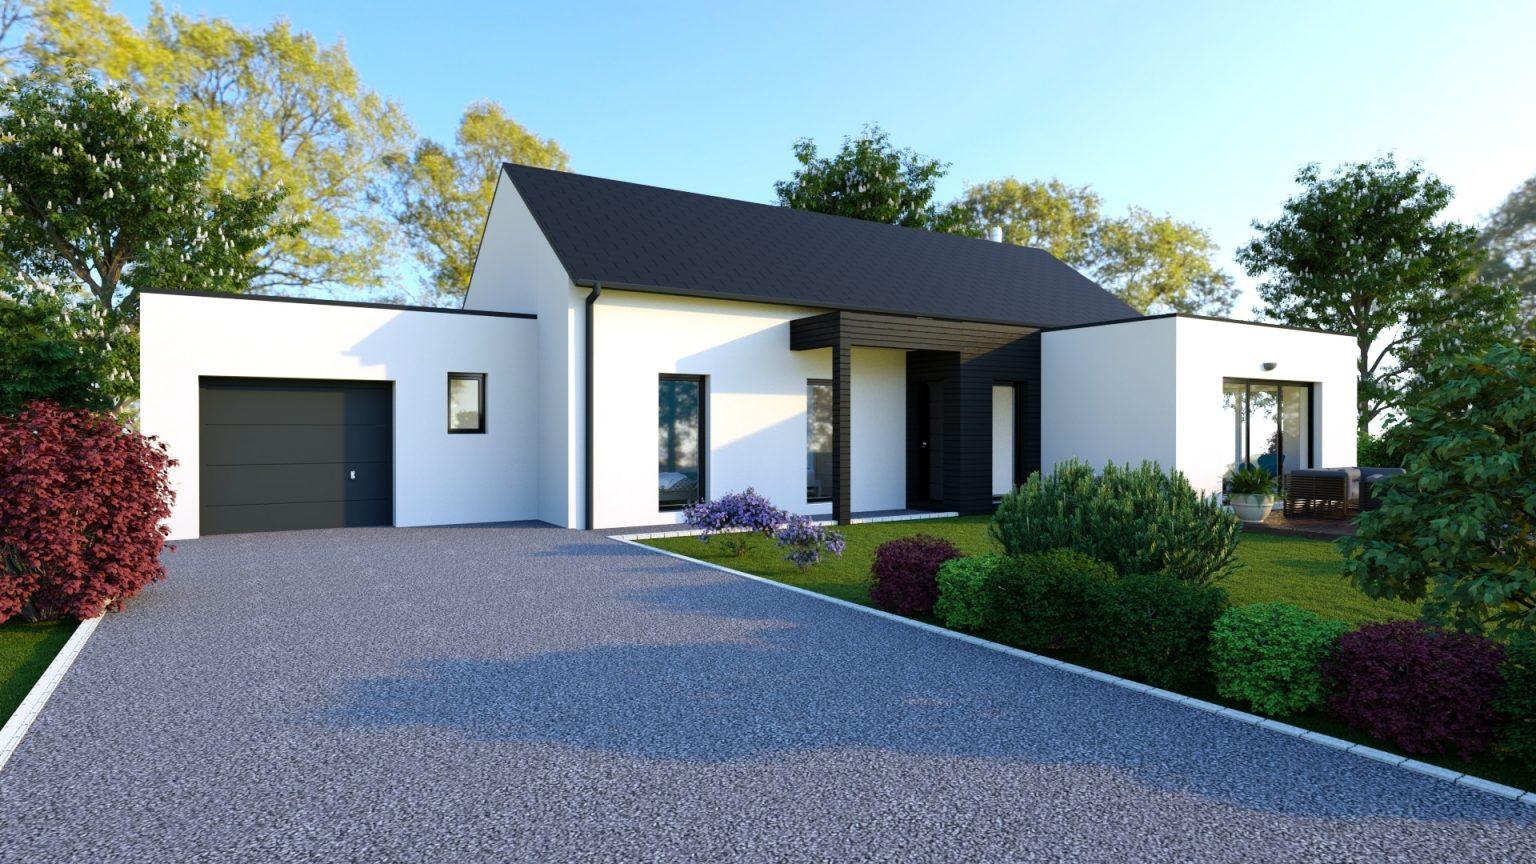 Maison Neuve Loire Atlantique 142000€ Tendance - MF Construction